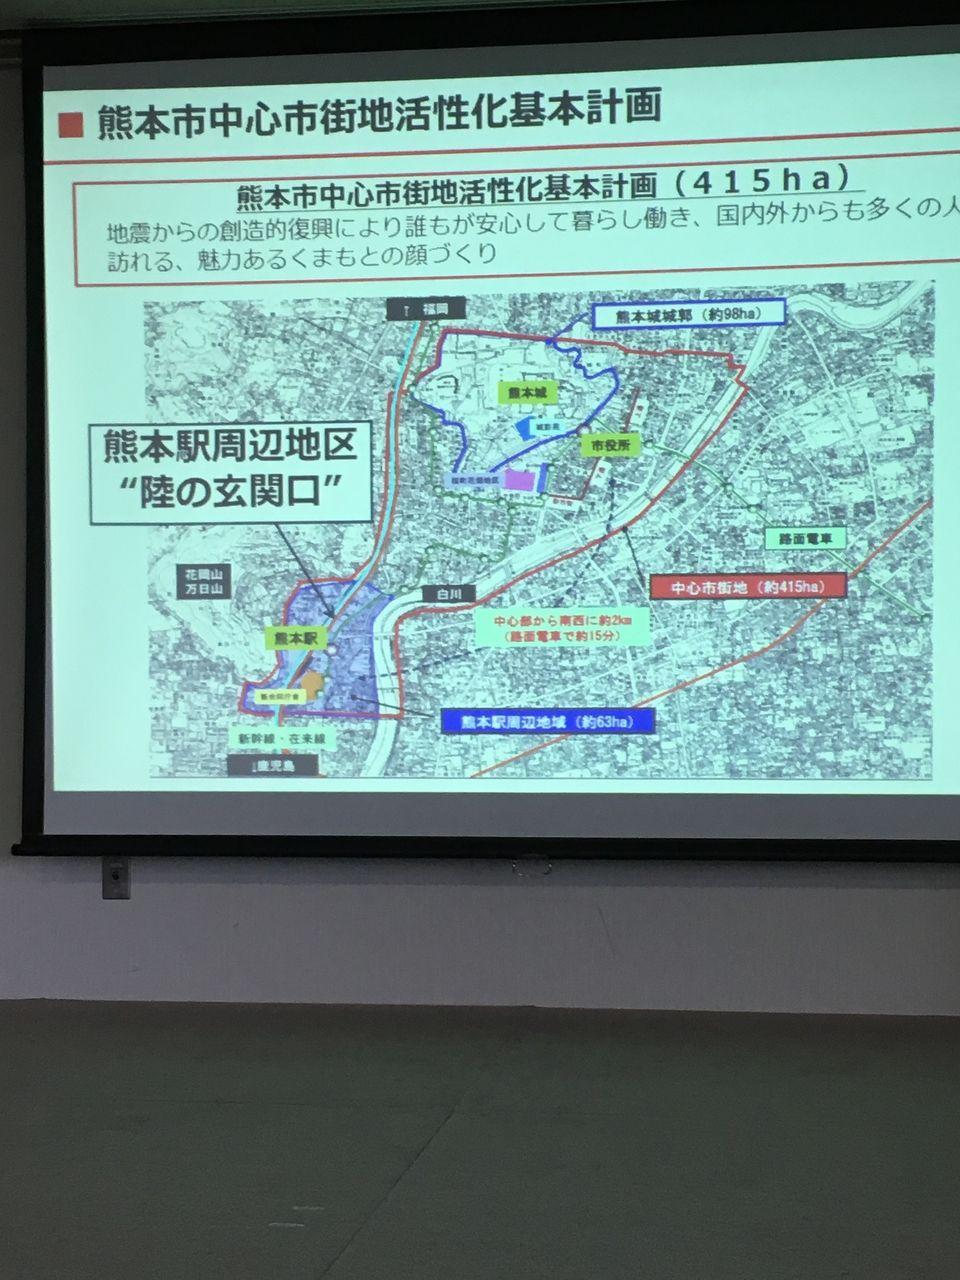 熊本市中心市街地活性化活性化基本計画